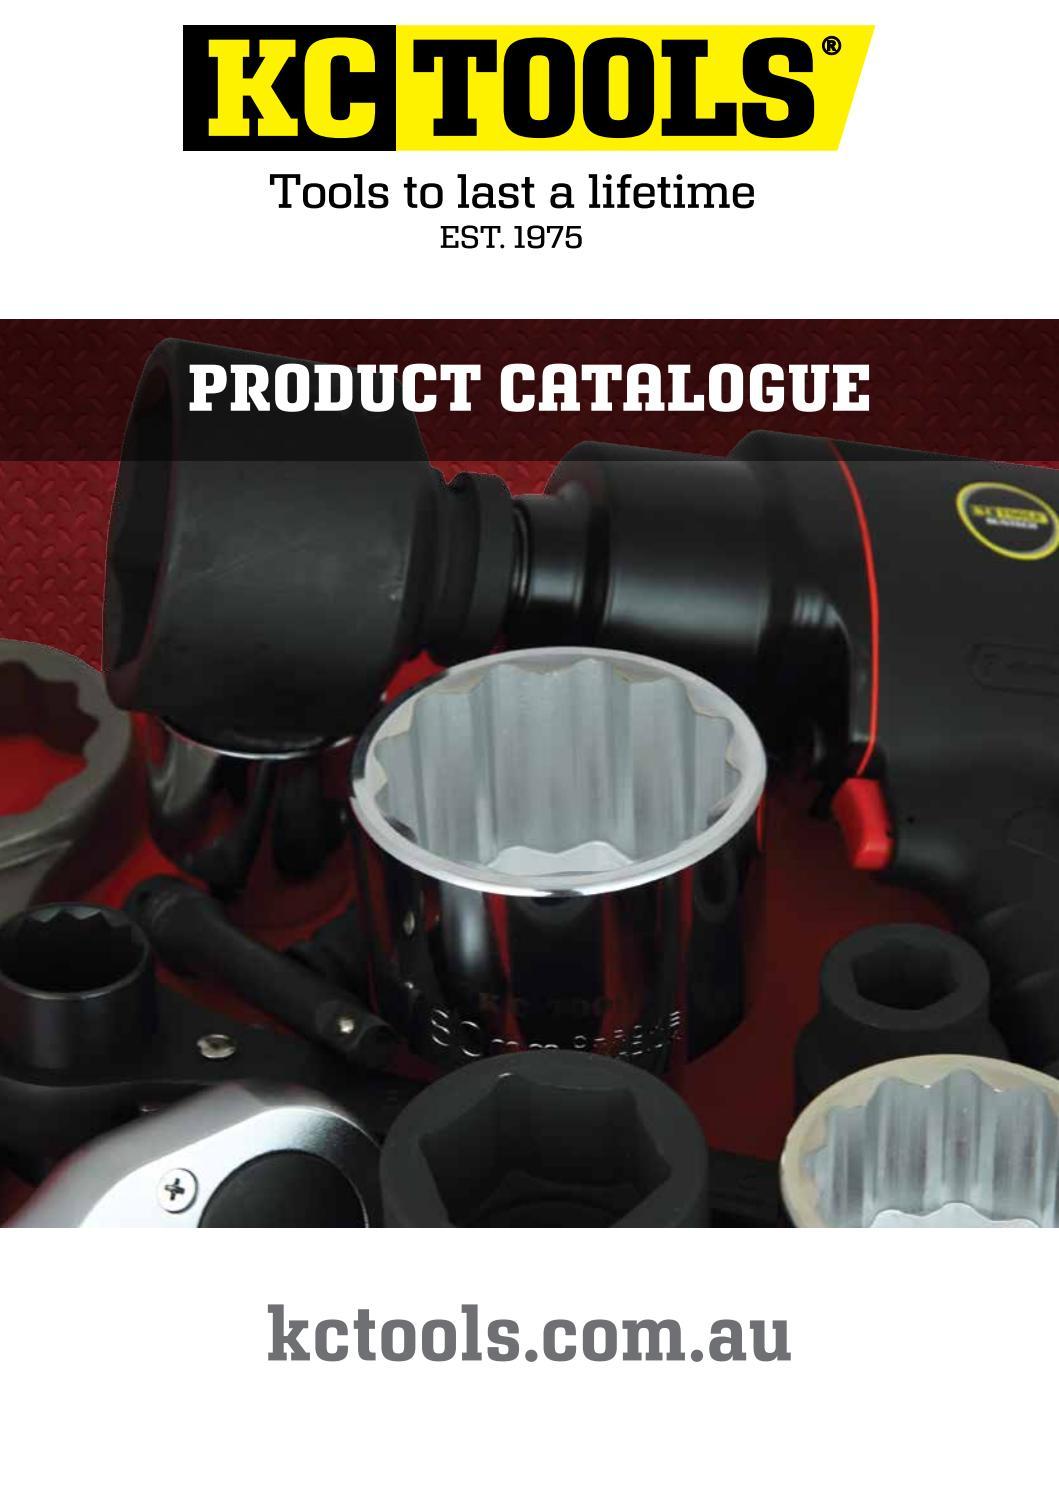 Air Compressor Hose MEETA EVA Spring Air Hose with Quick Coupler and Plug Size : 9M